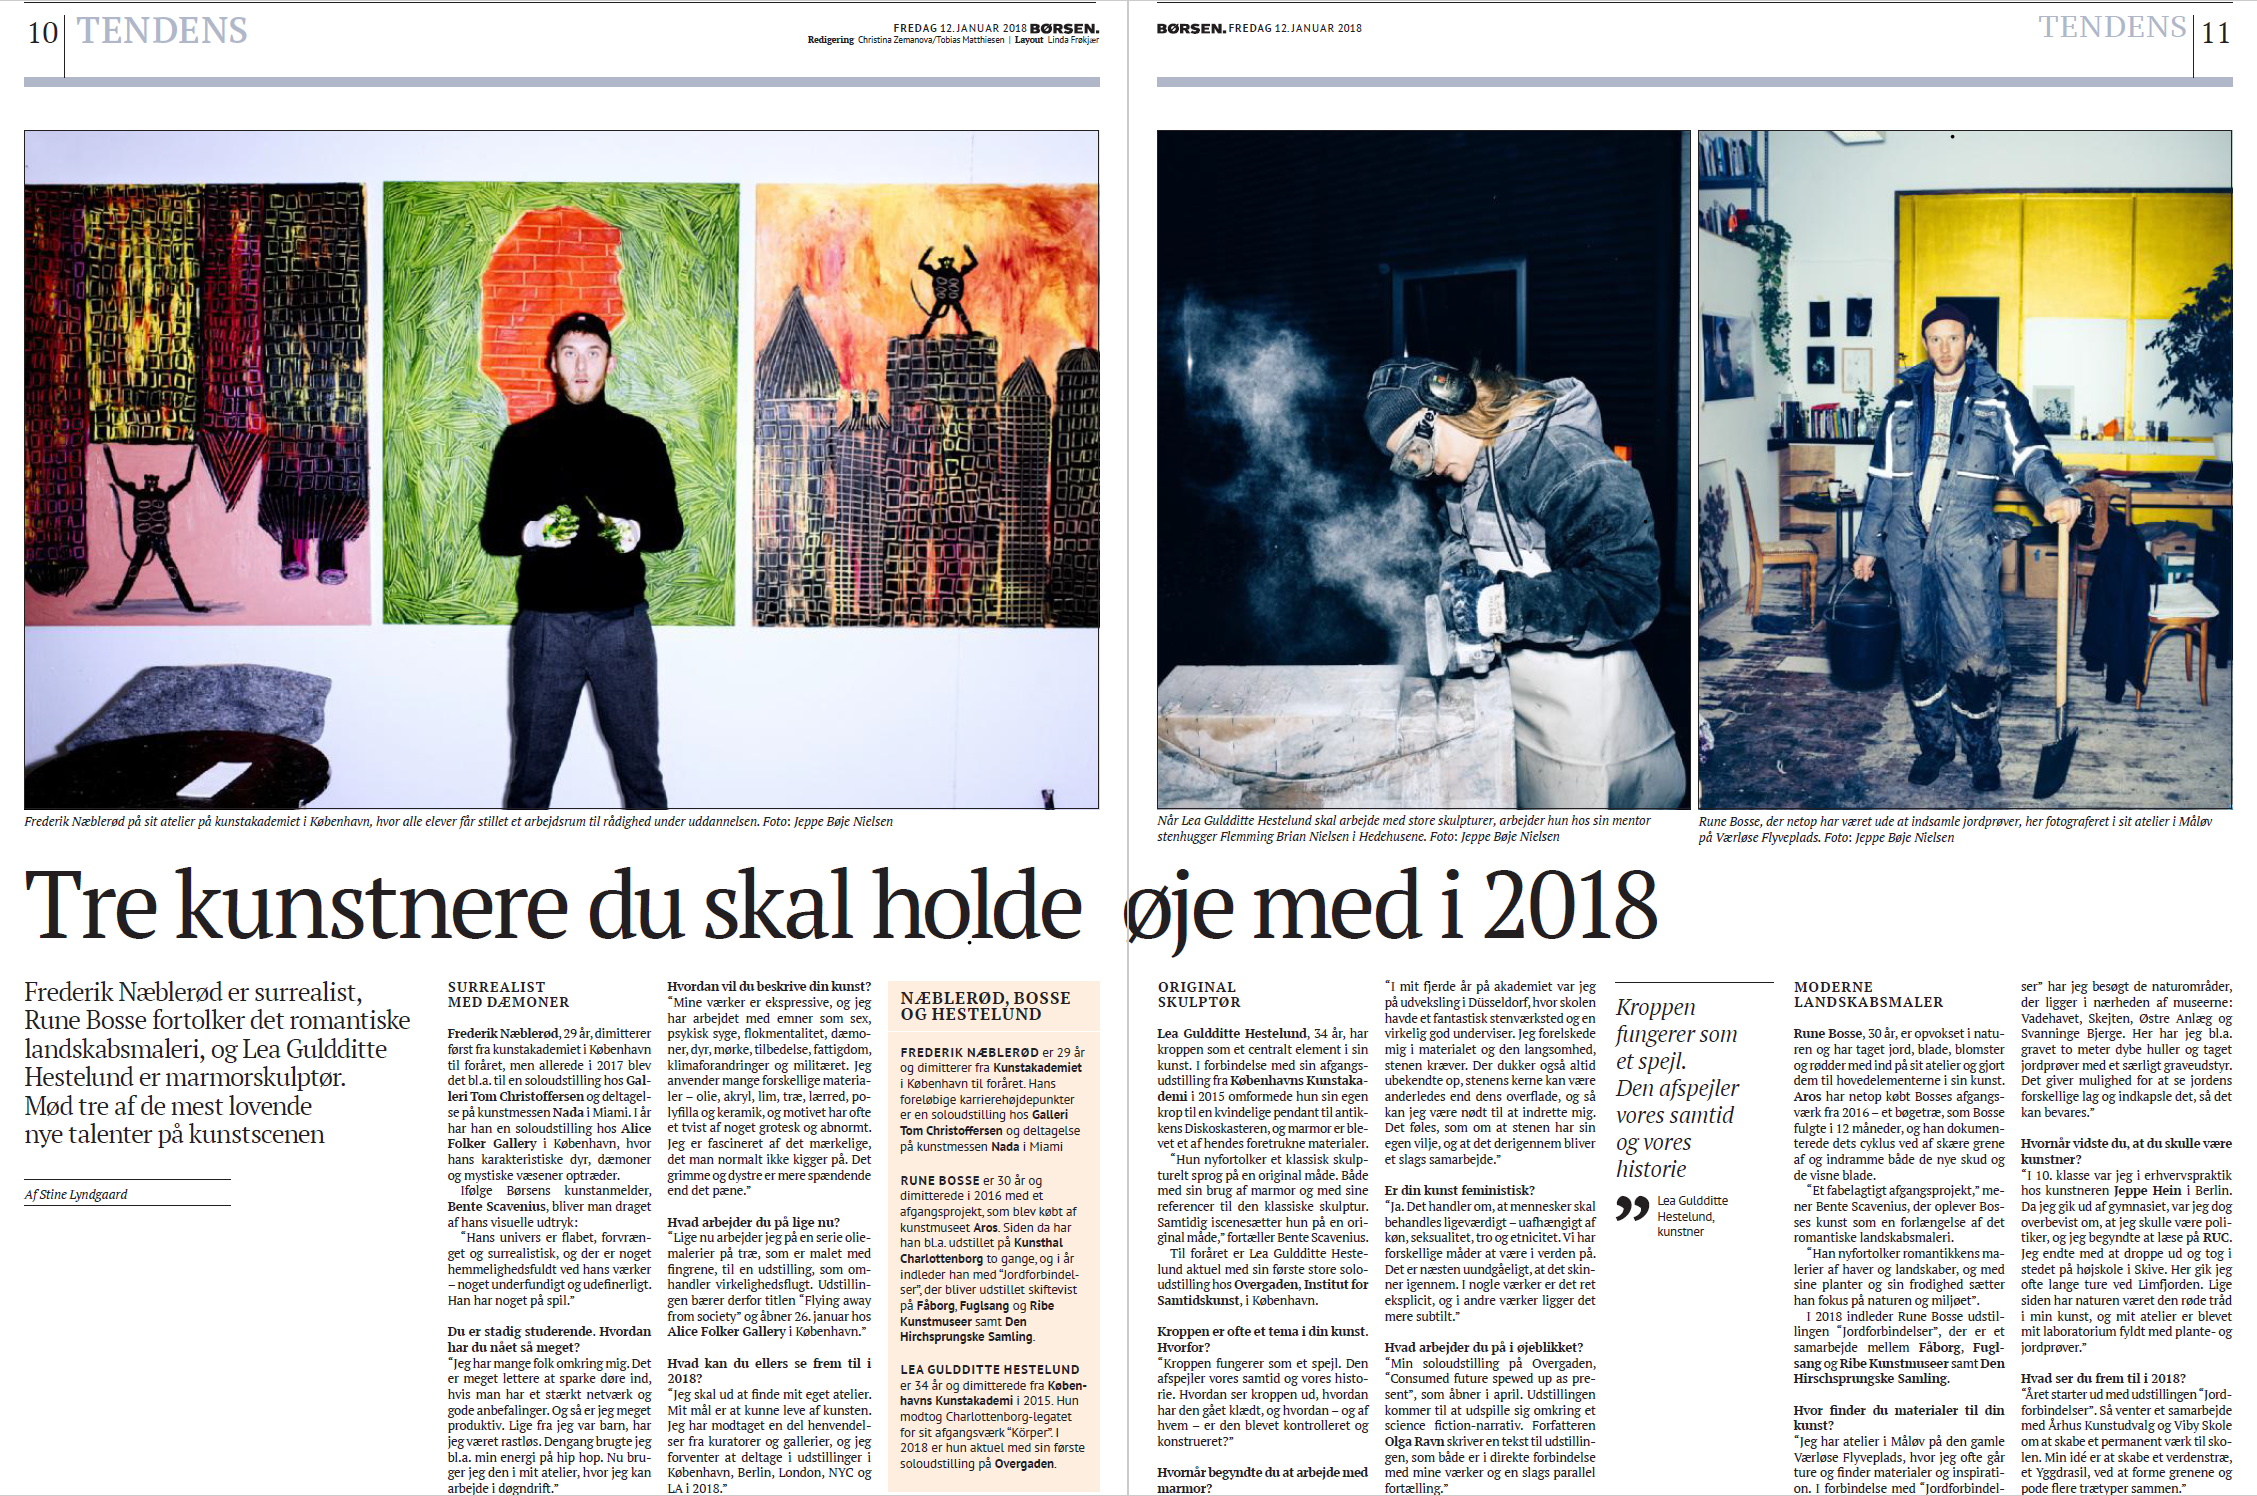 Børsen 12 January 2018